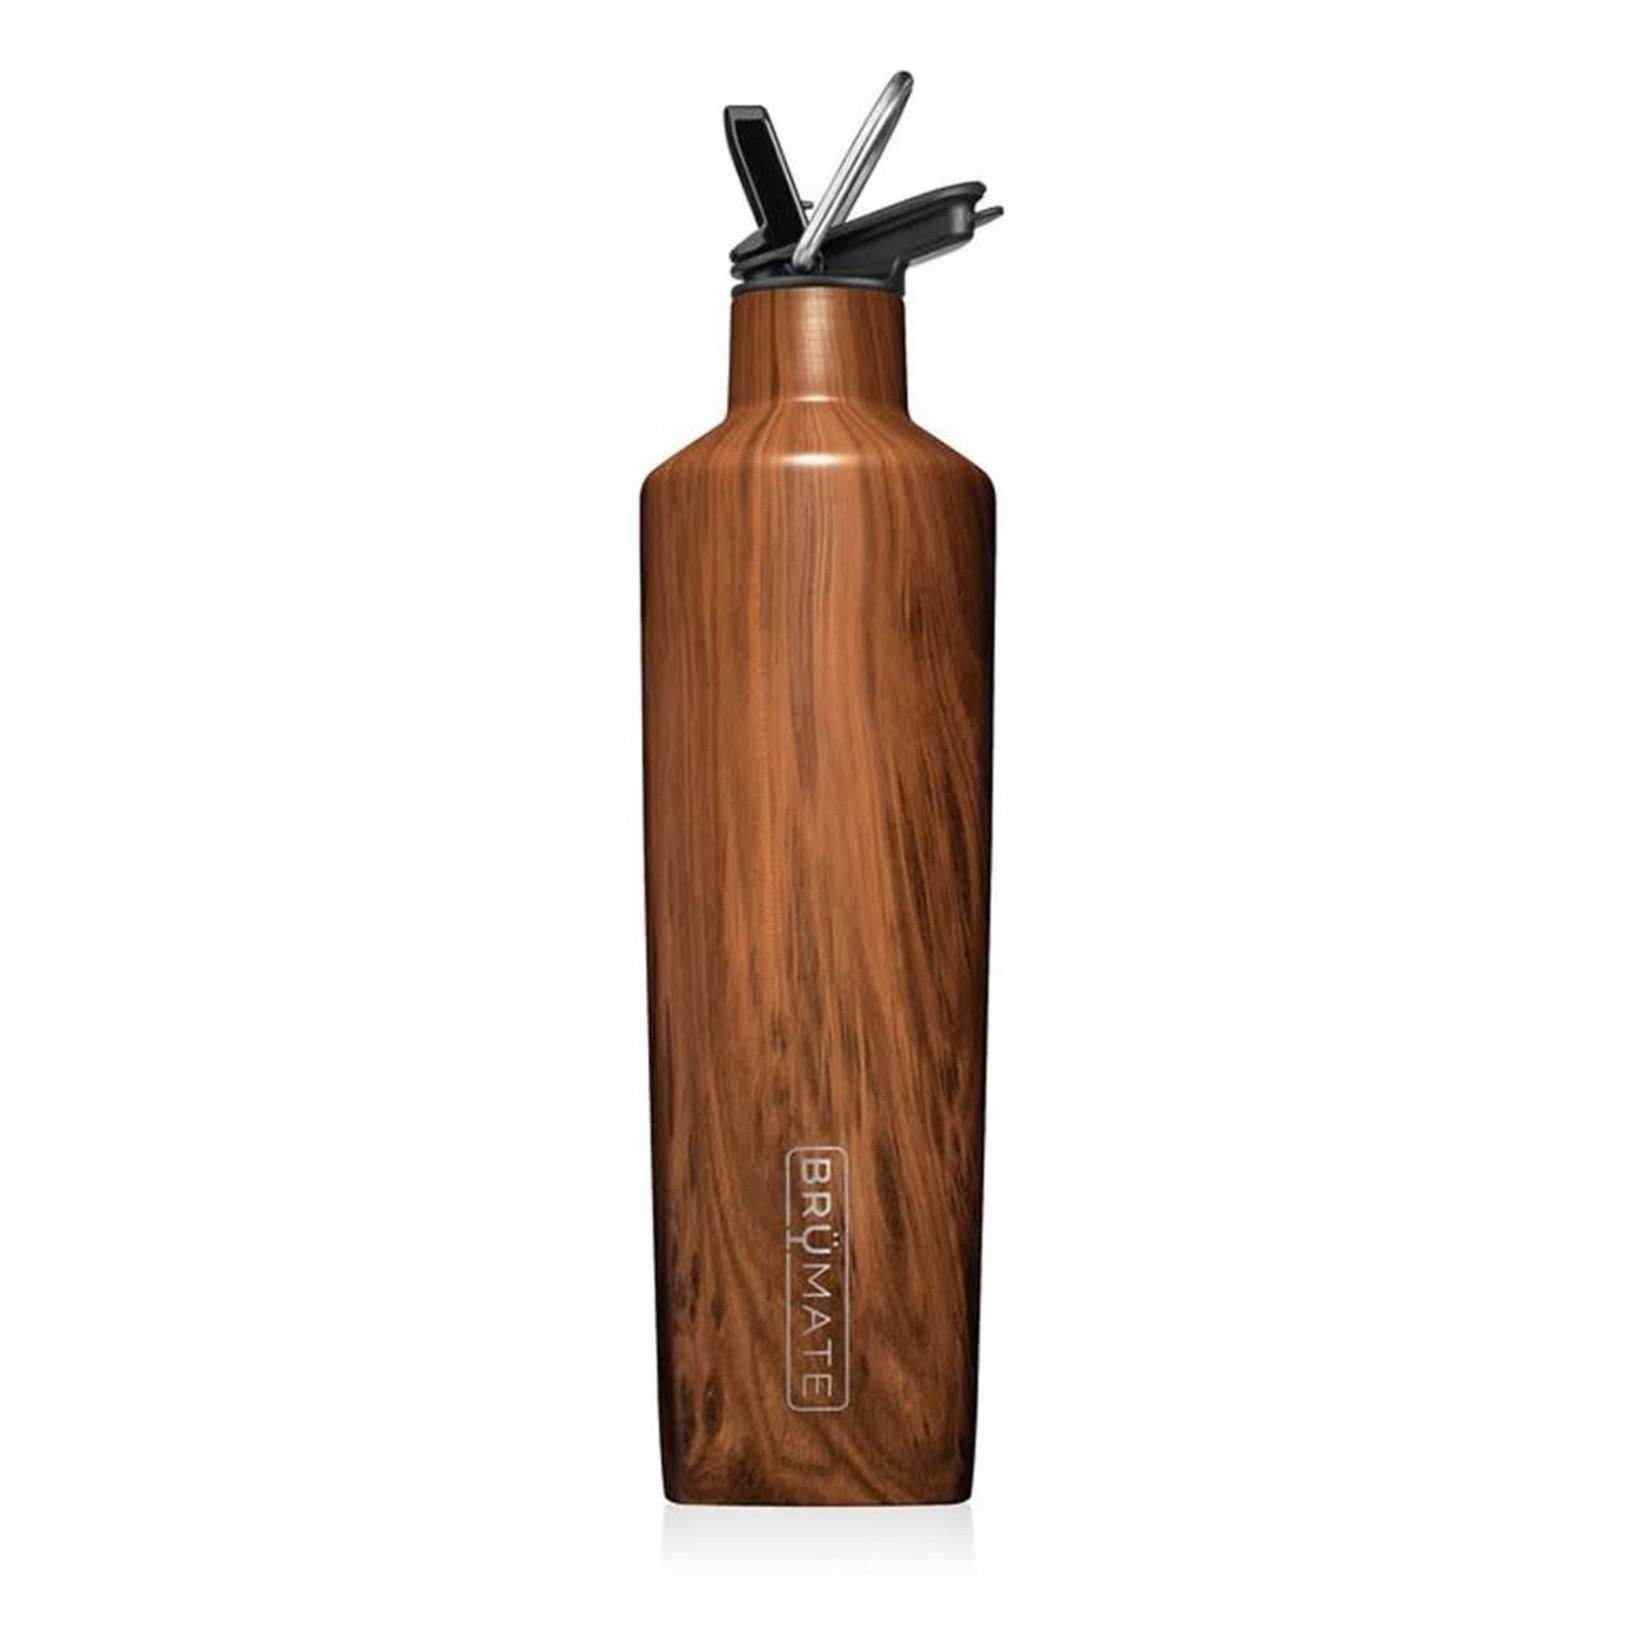 BruMate Rehydration 25 oz Bottle in Walnut